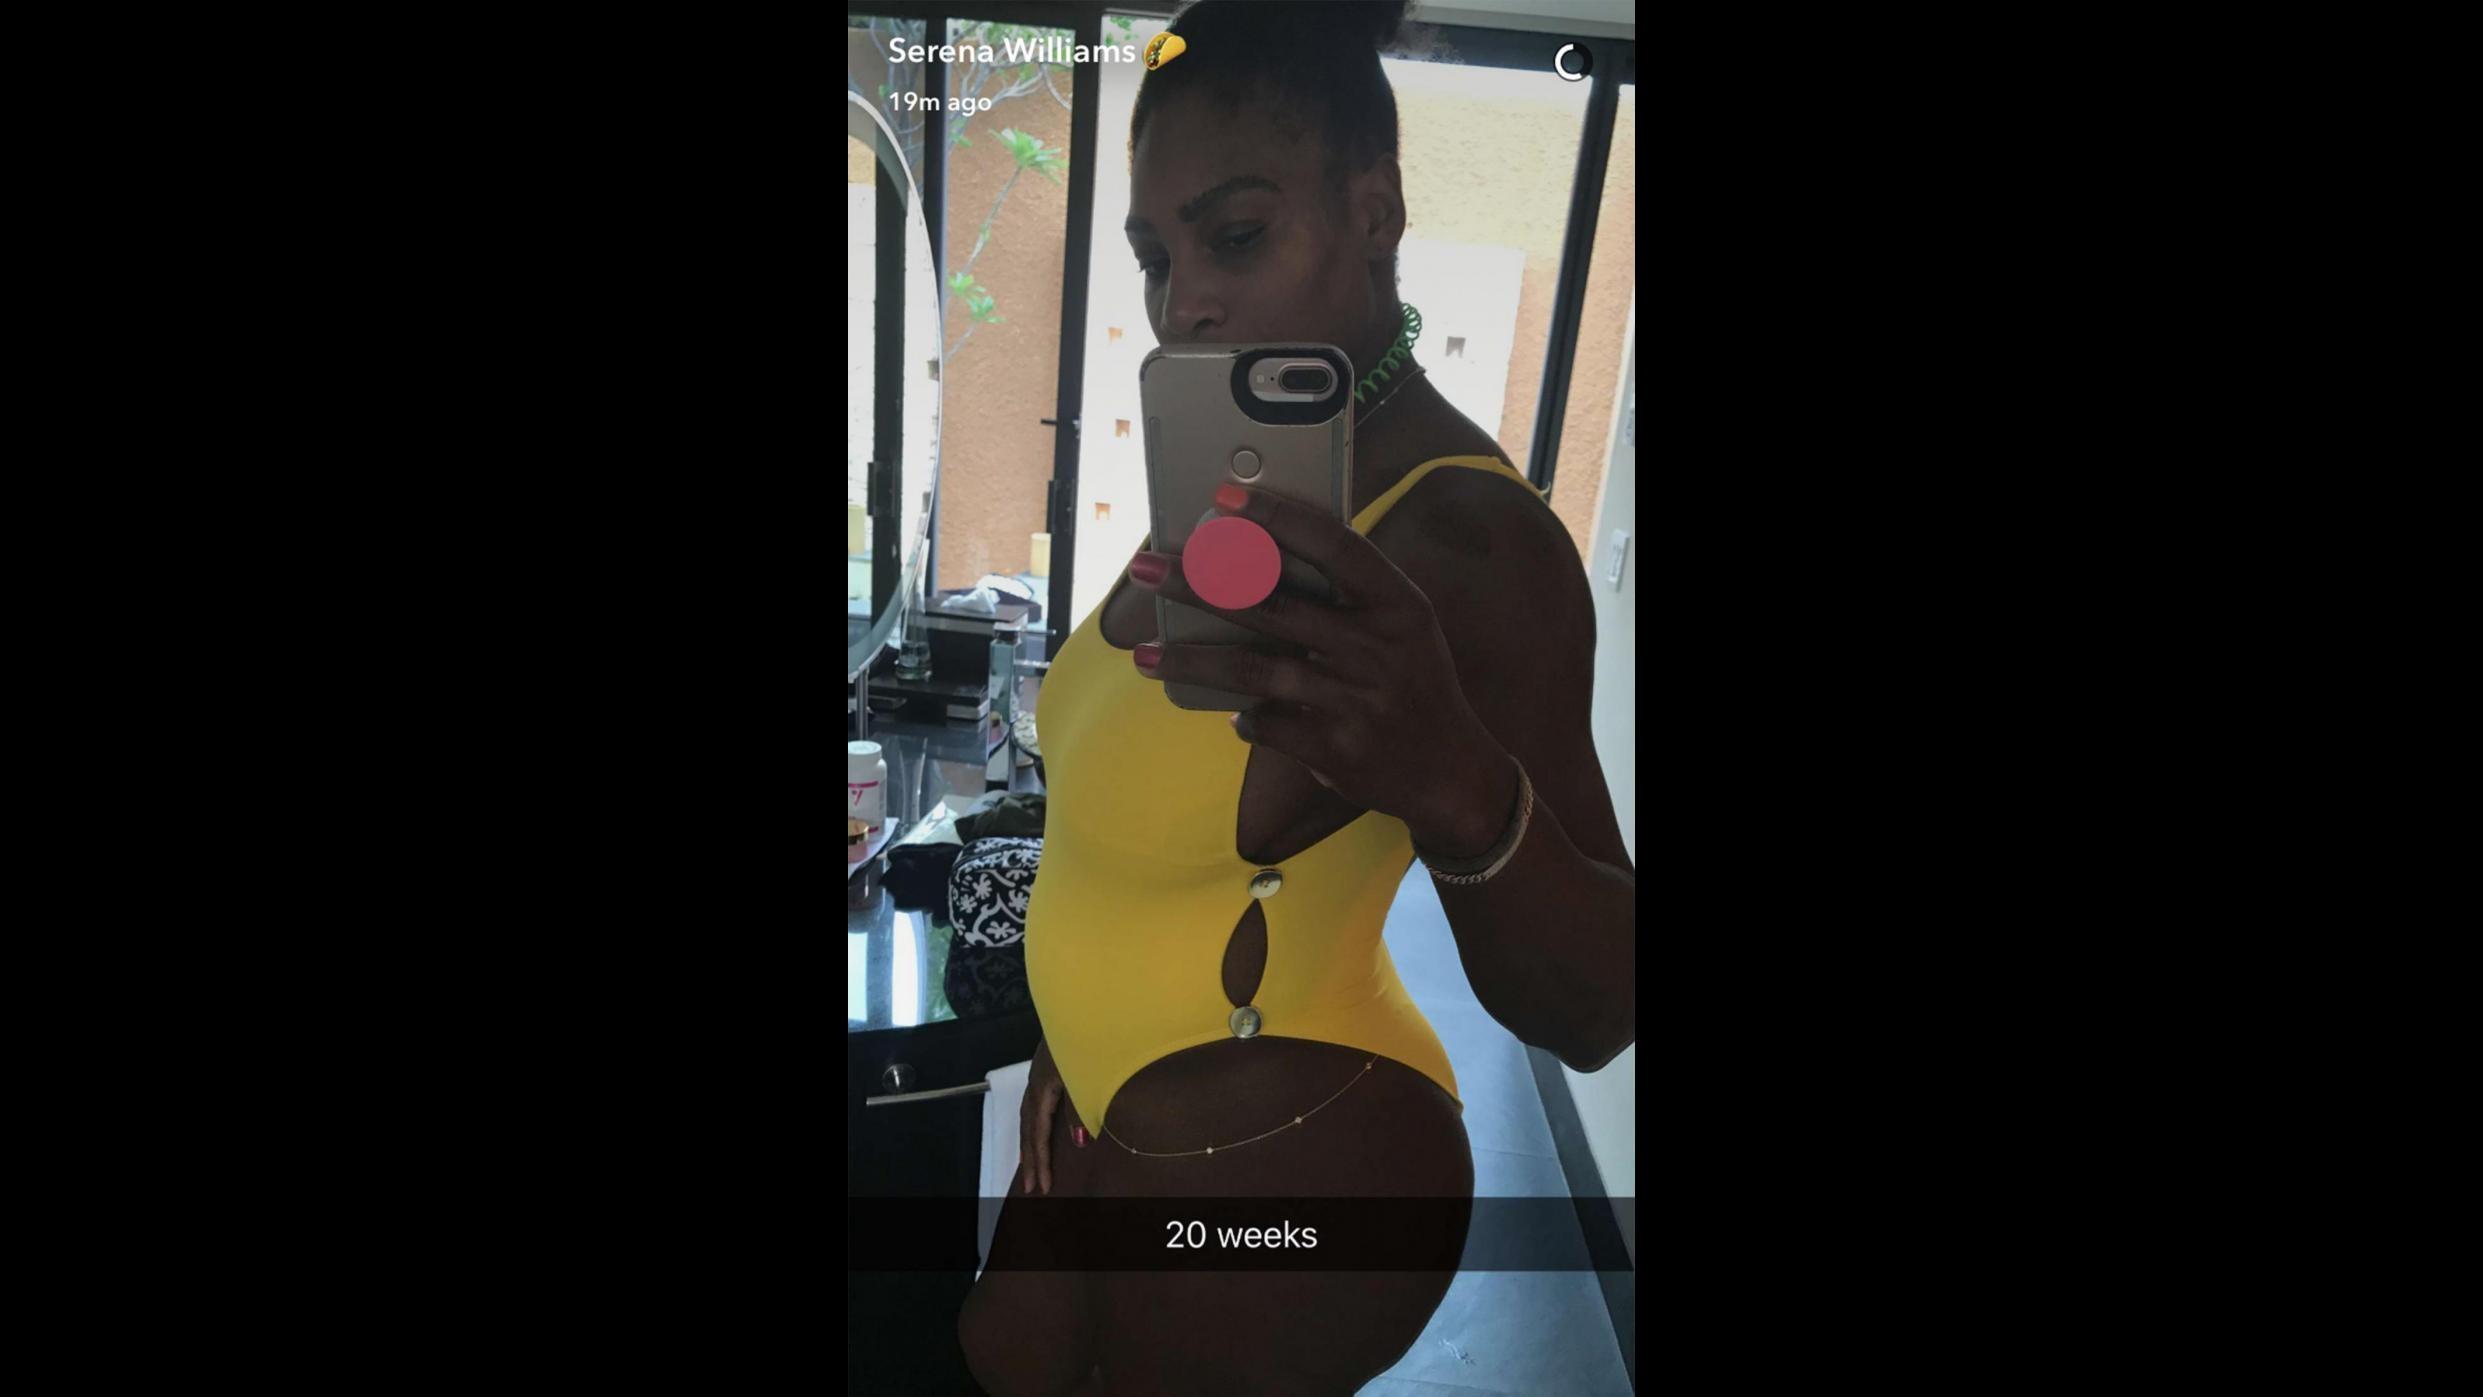 La portavoce di Serena Williams: Incinta, tornerà nel 2018